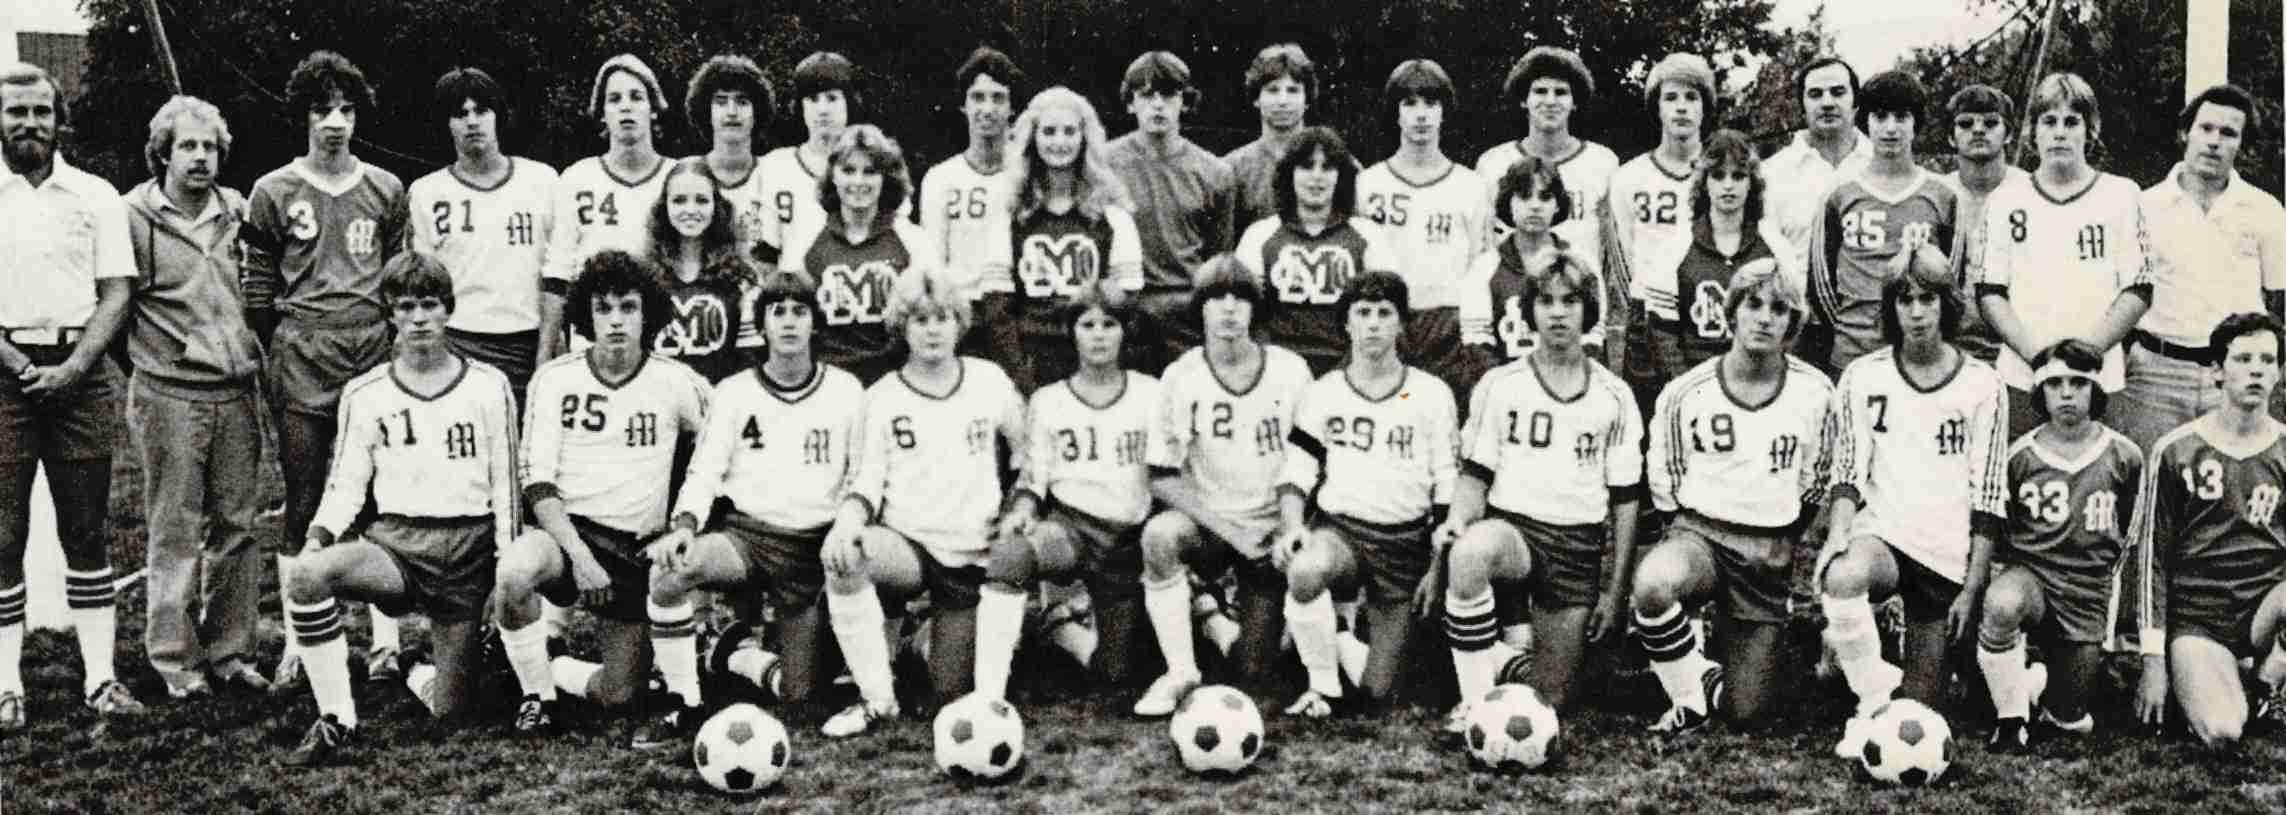 1979 Varsity